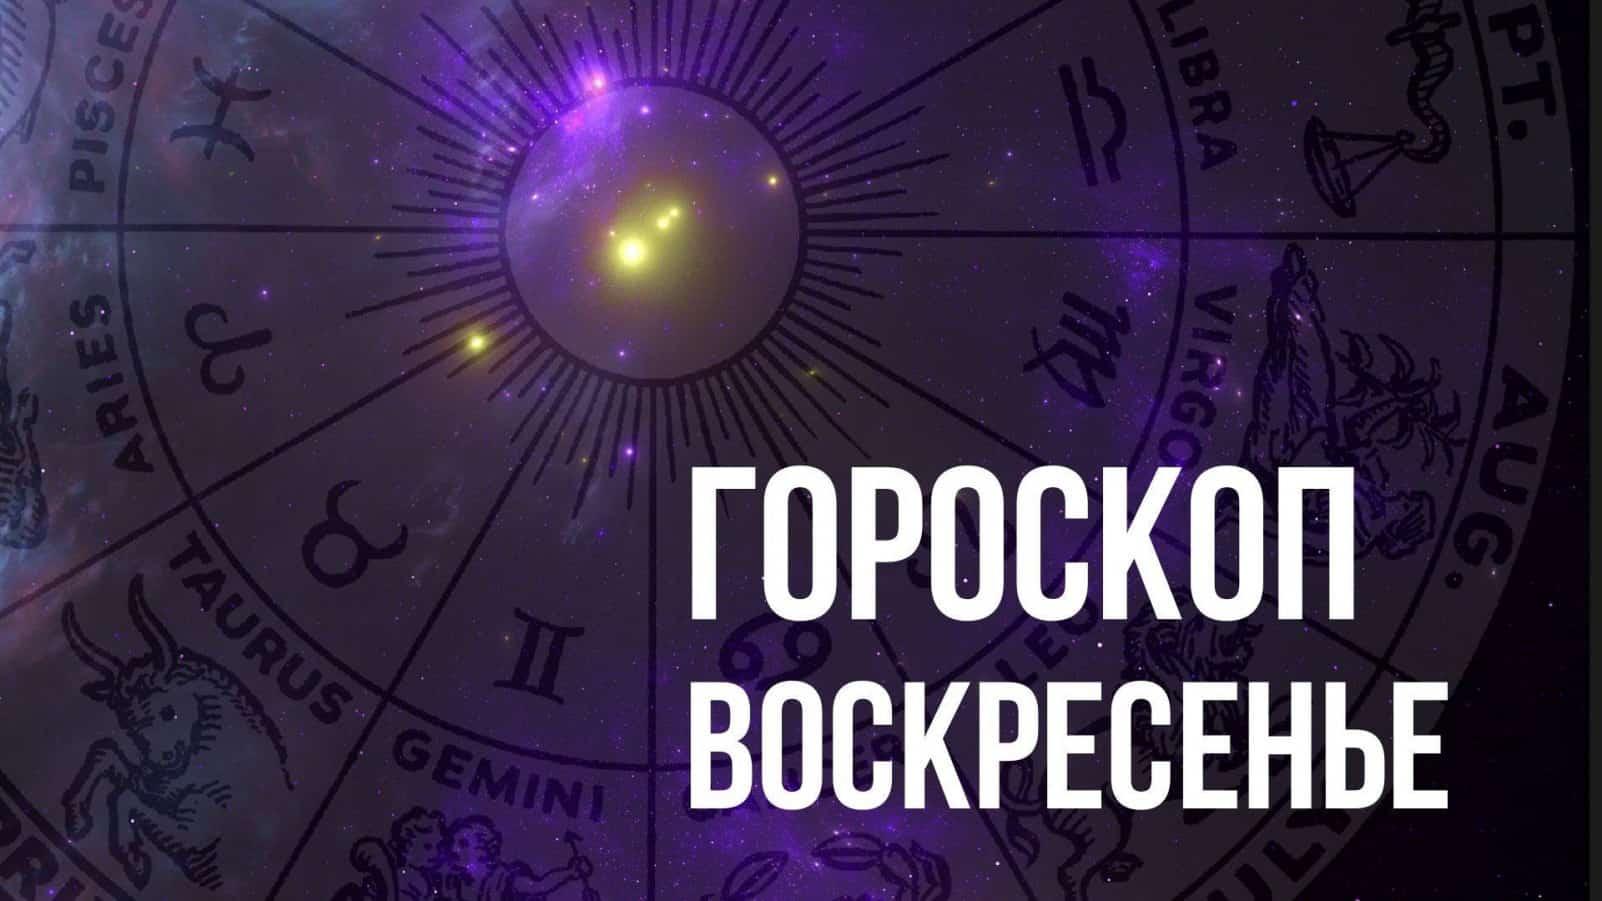 Гороскоп на воскресенье 15 августа для каждого знака Зодиака